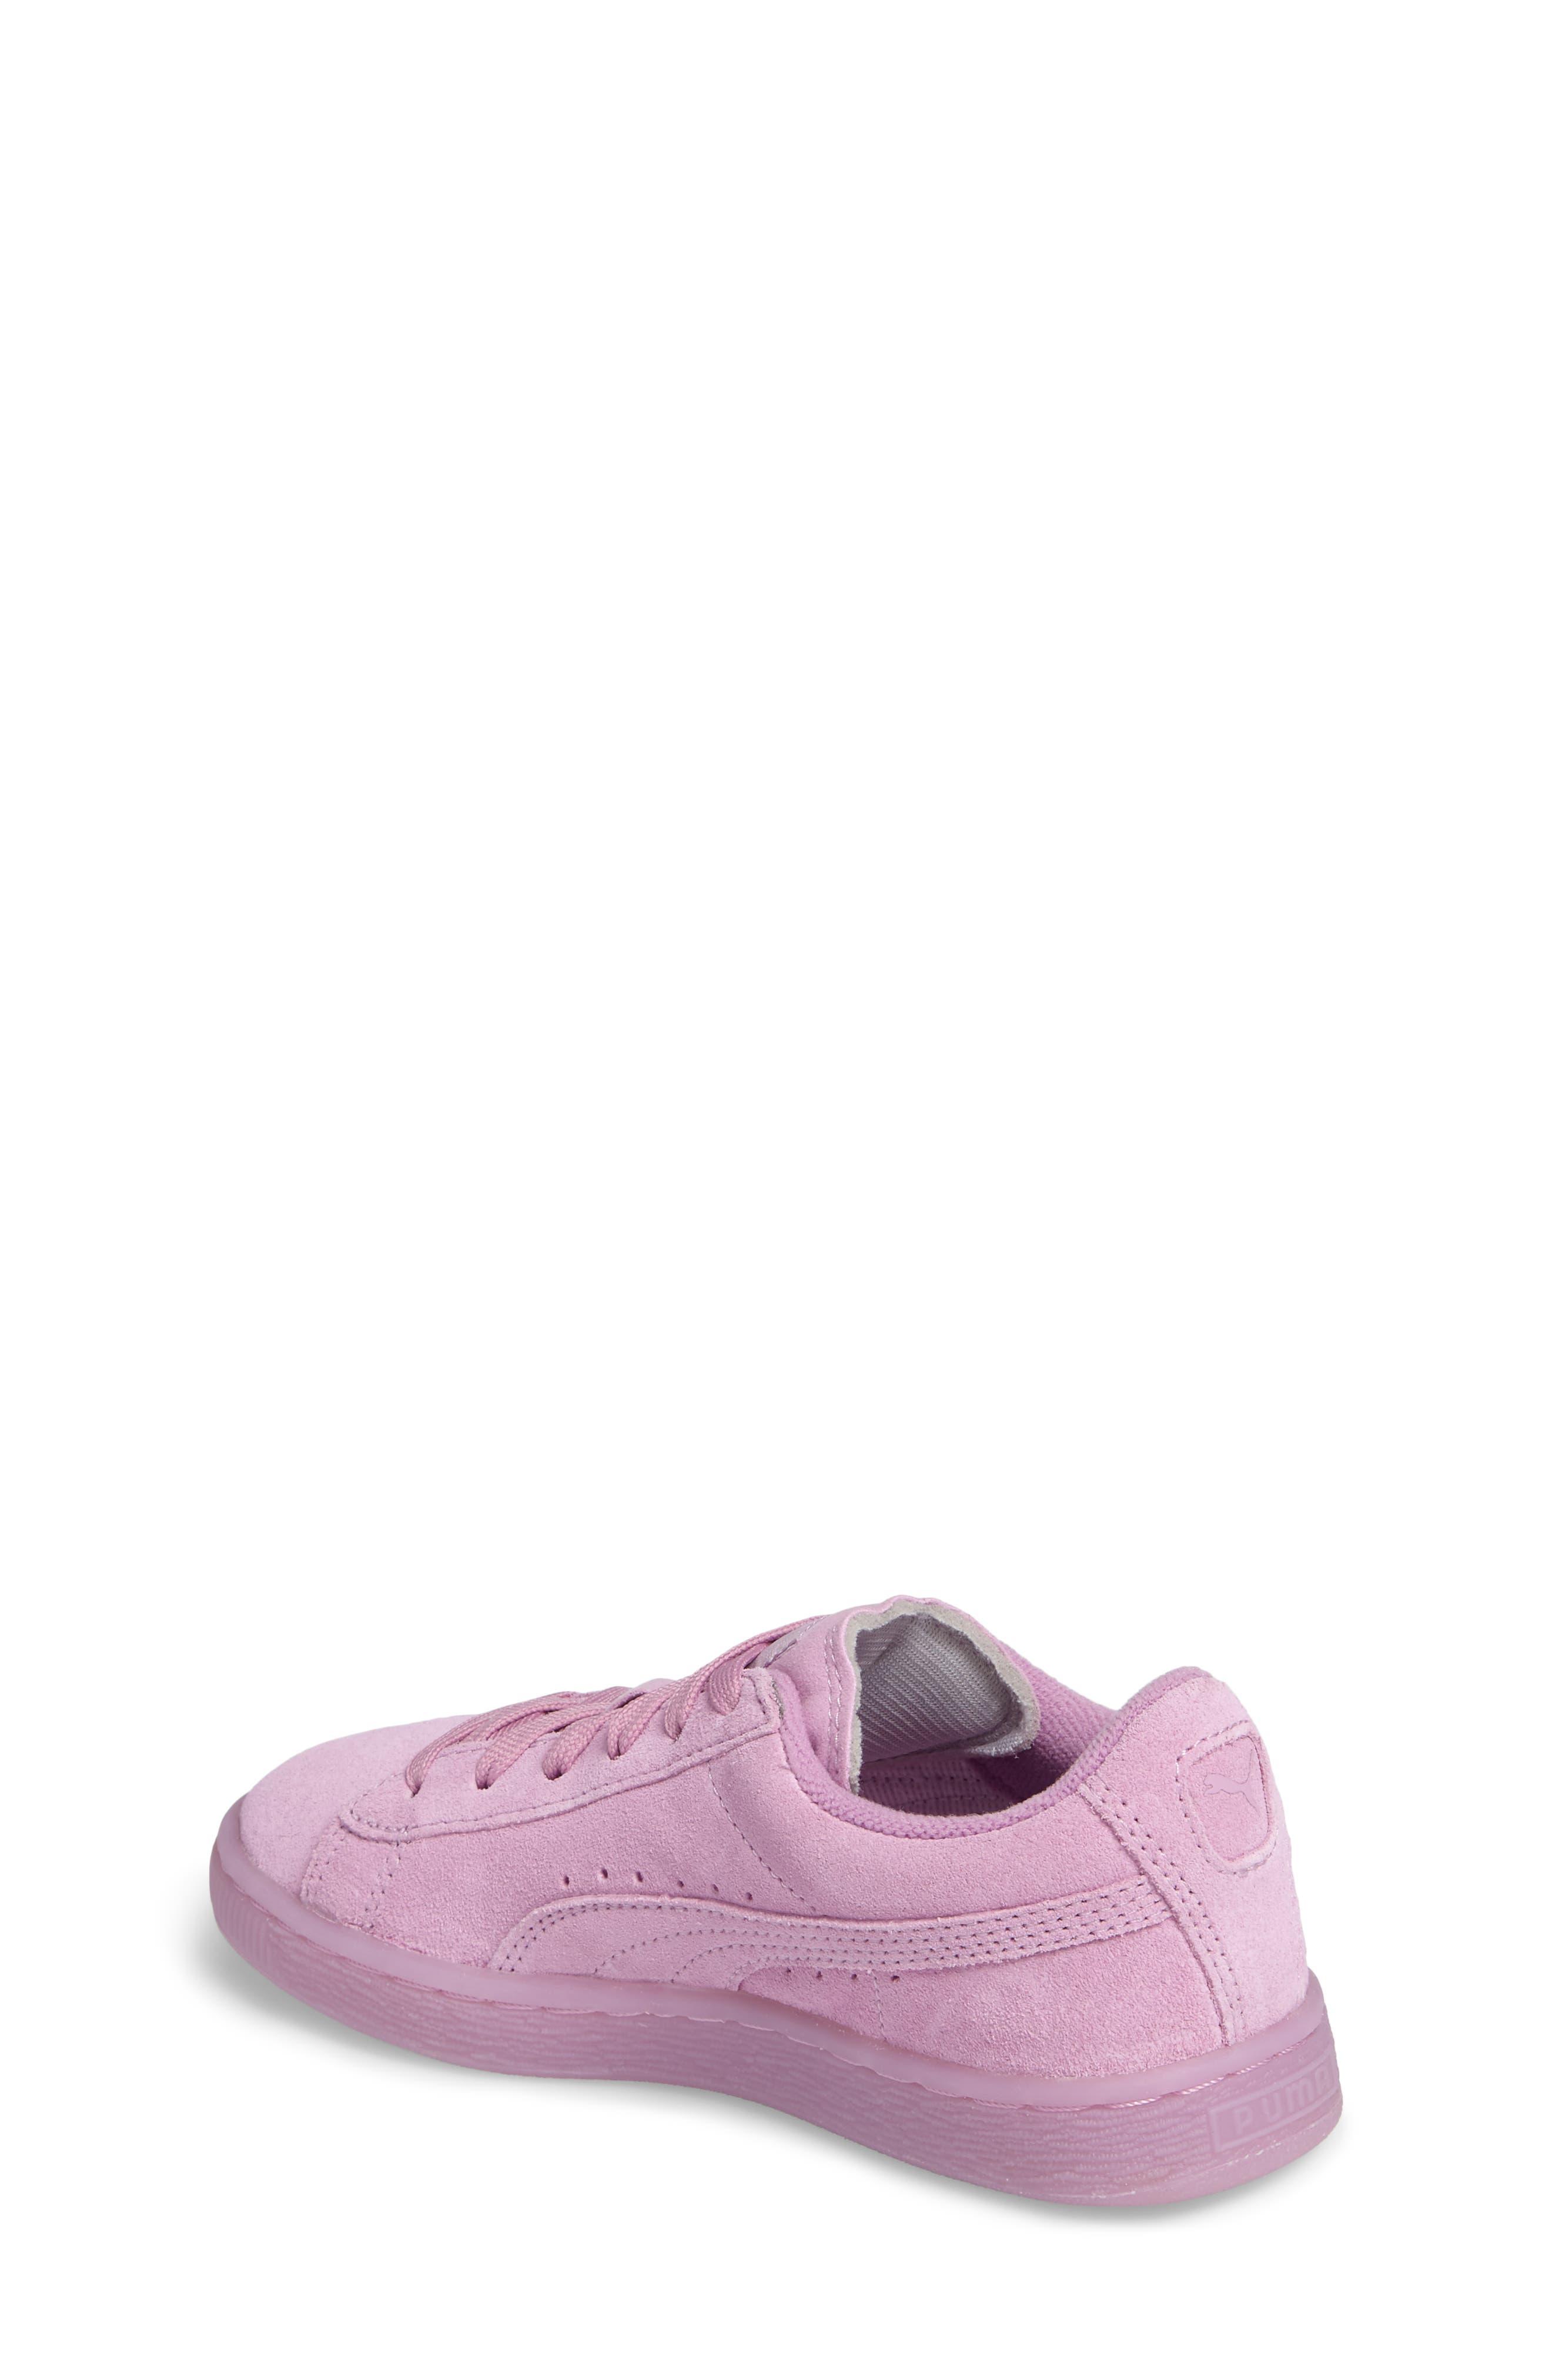 Iced Sneaker,                             Alternate thumbnail 2, color,                             500